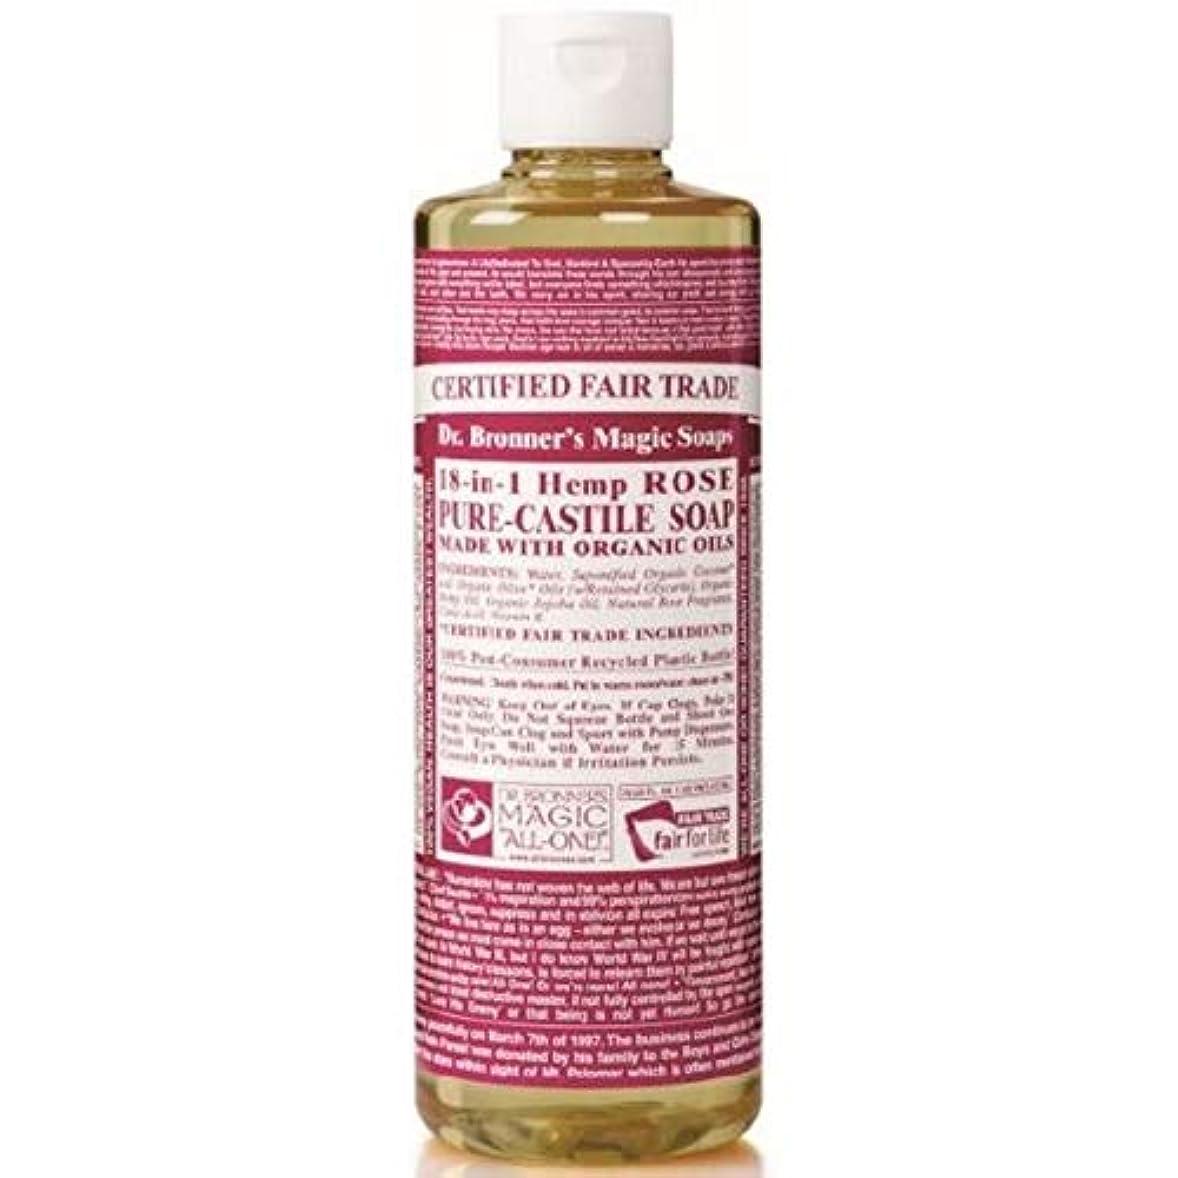 創傷ビザ仕様[Dr Bronner] Dr。ブロナーズ有機バラカスティーリャ液体石鹸237ミリリットル - Dr. Bronner's Organic Rose Castile Liquid Soap 237ml [並行輸入品]